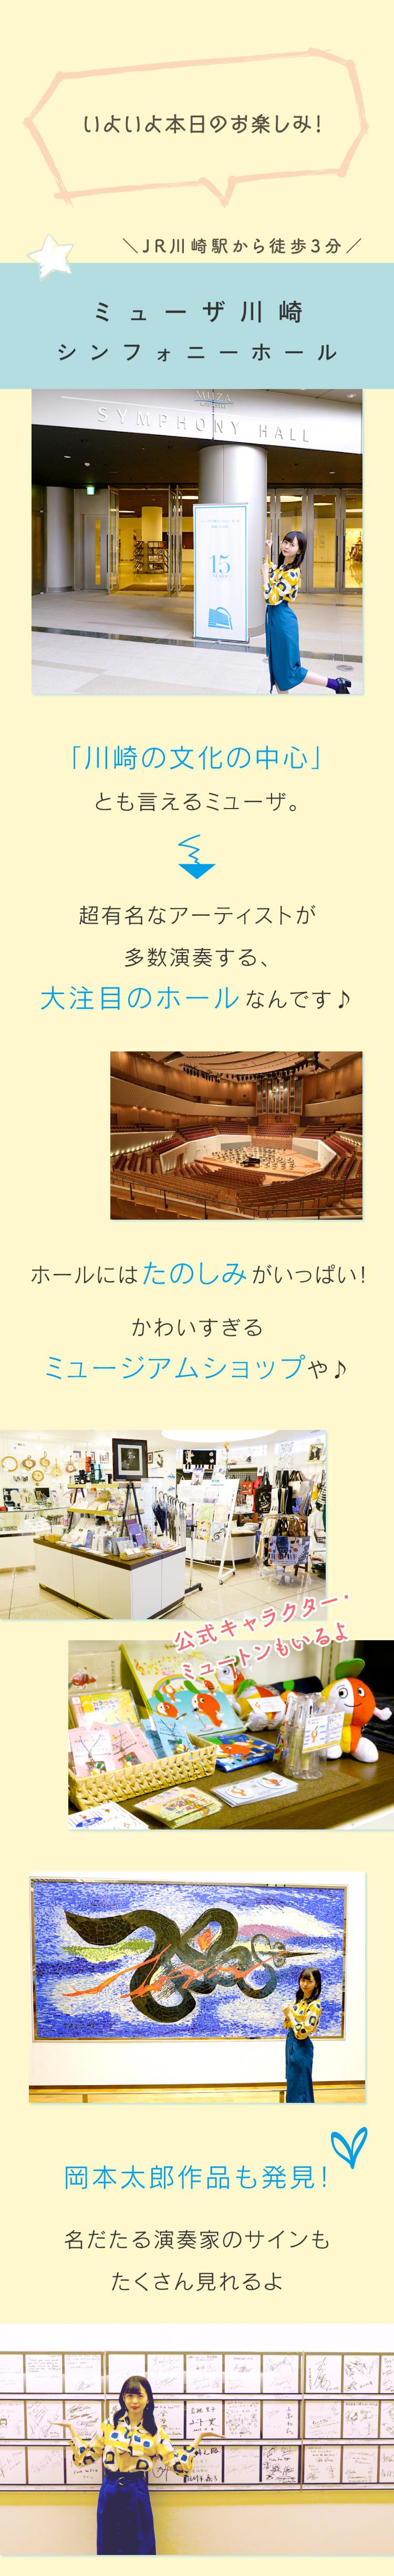 ミューザ川崎シンフォニーホール 川崎の文化の中心、最高の音響で演奏を聞けるホールなんです!ミュートングッズもかわいい!